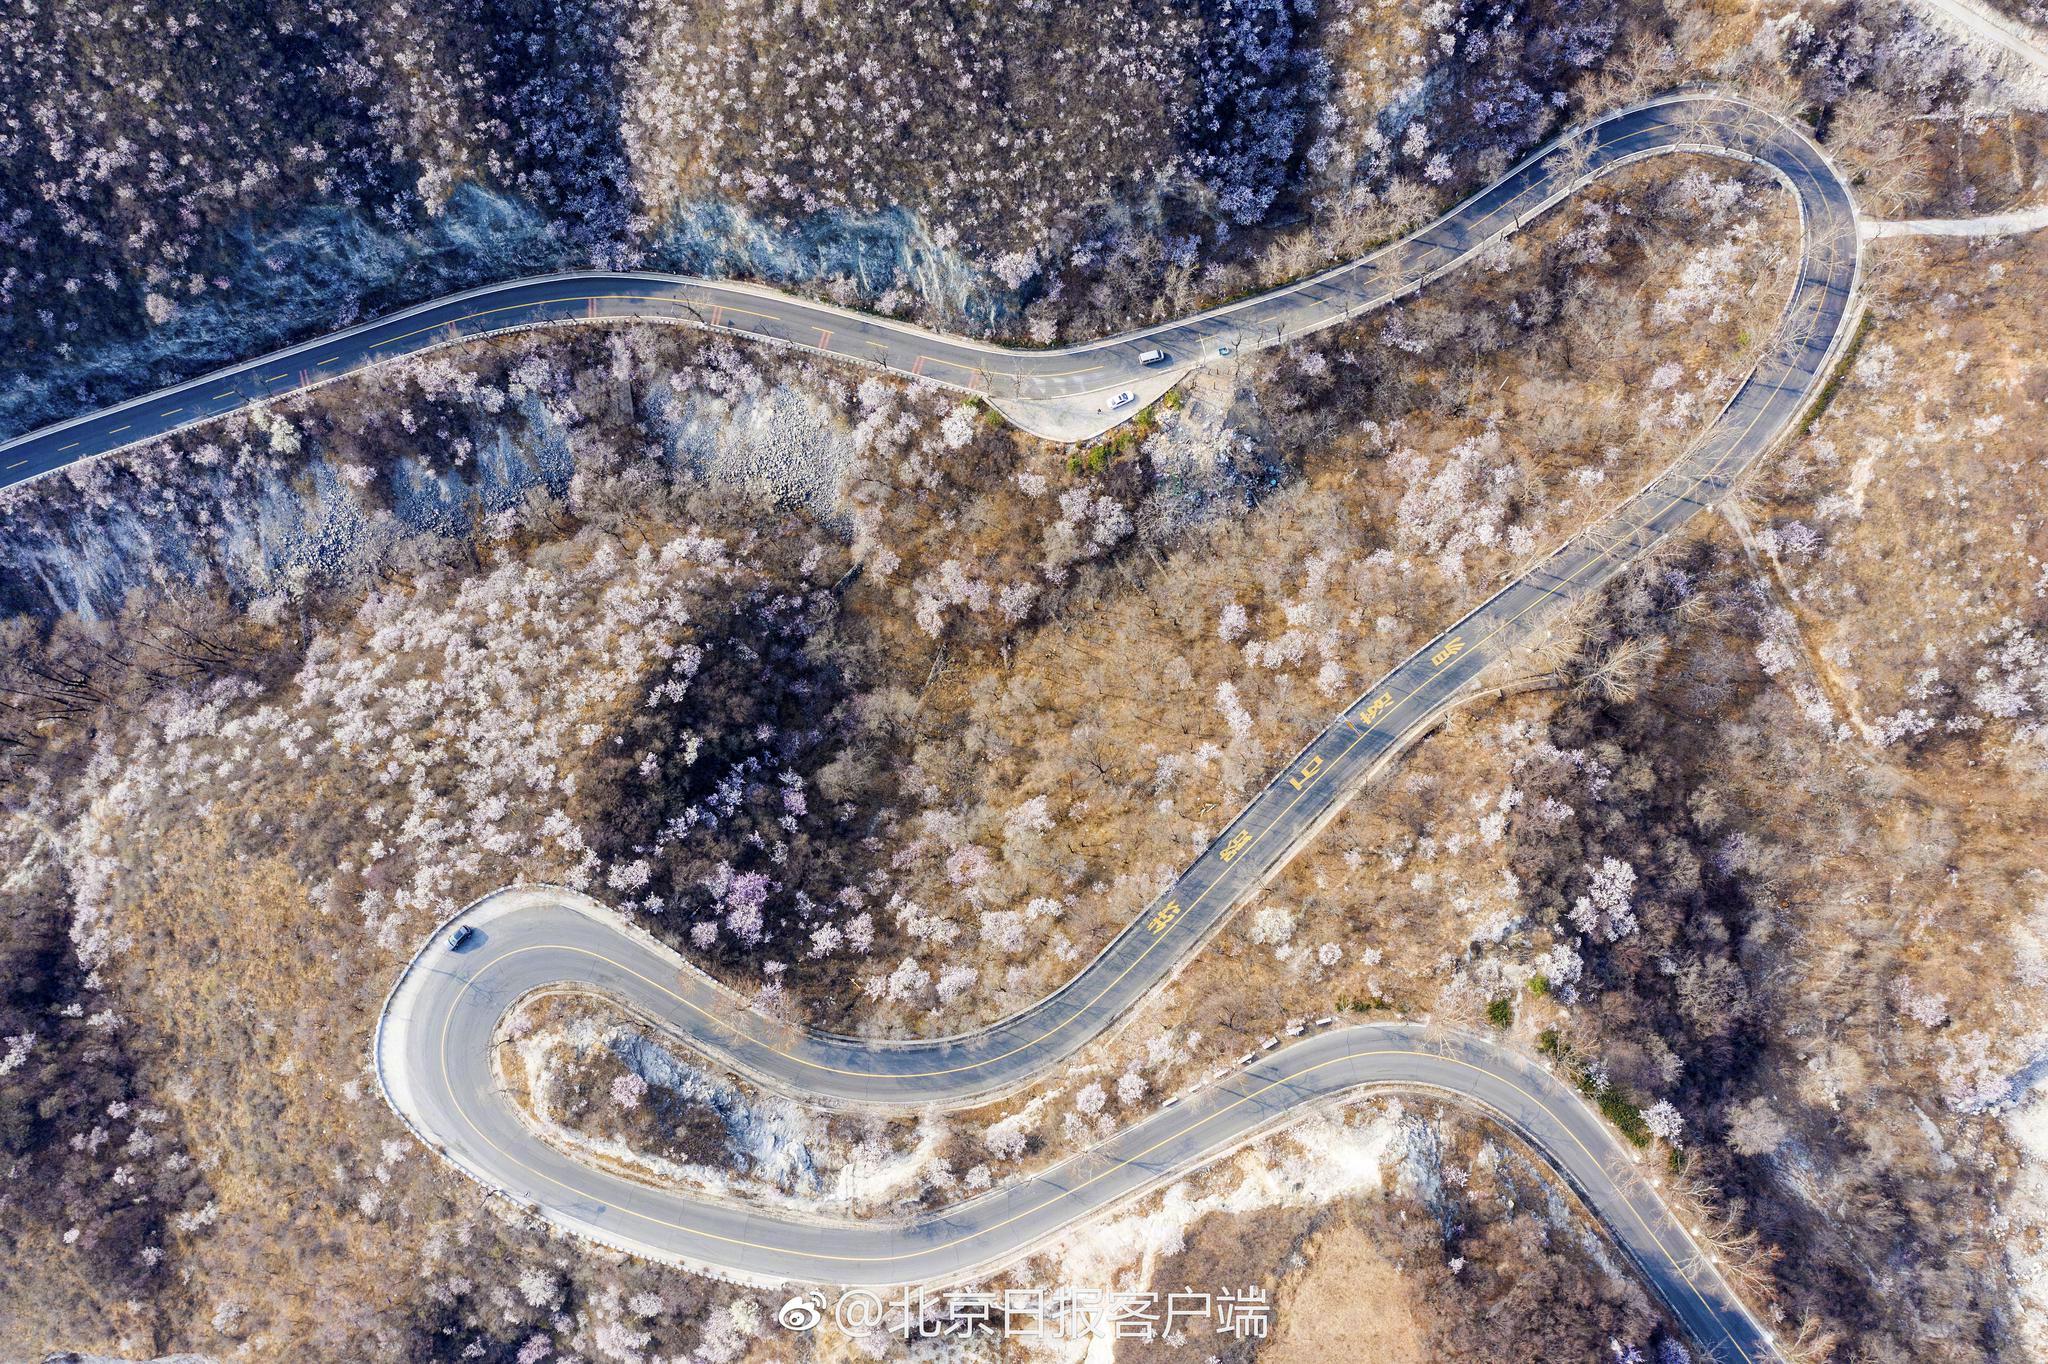 搜救队员在山林发现最后一只外逃豹子脚印:饿了几天跑不远